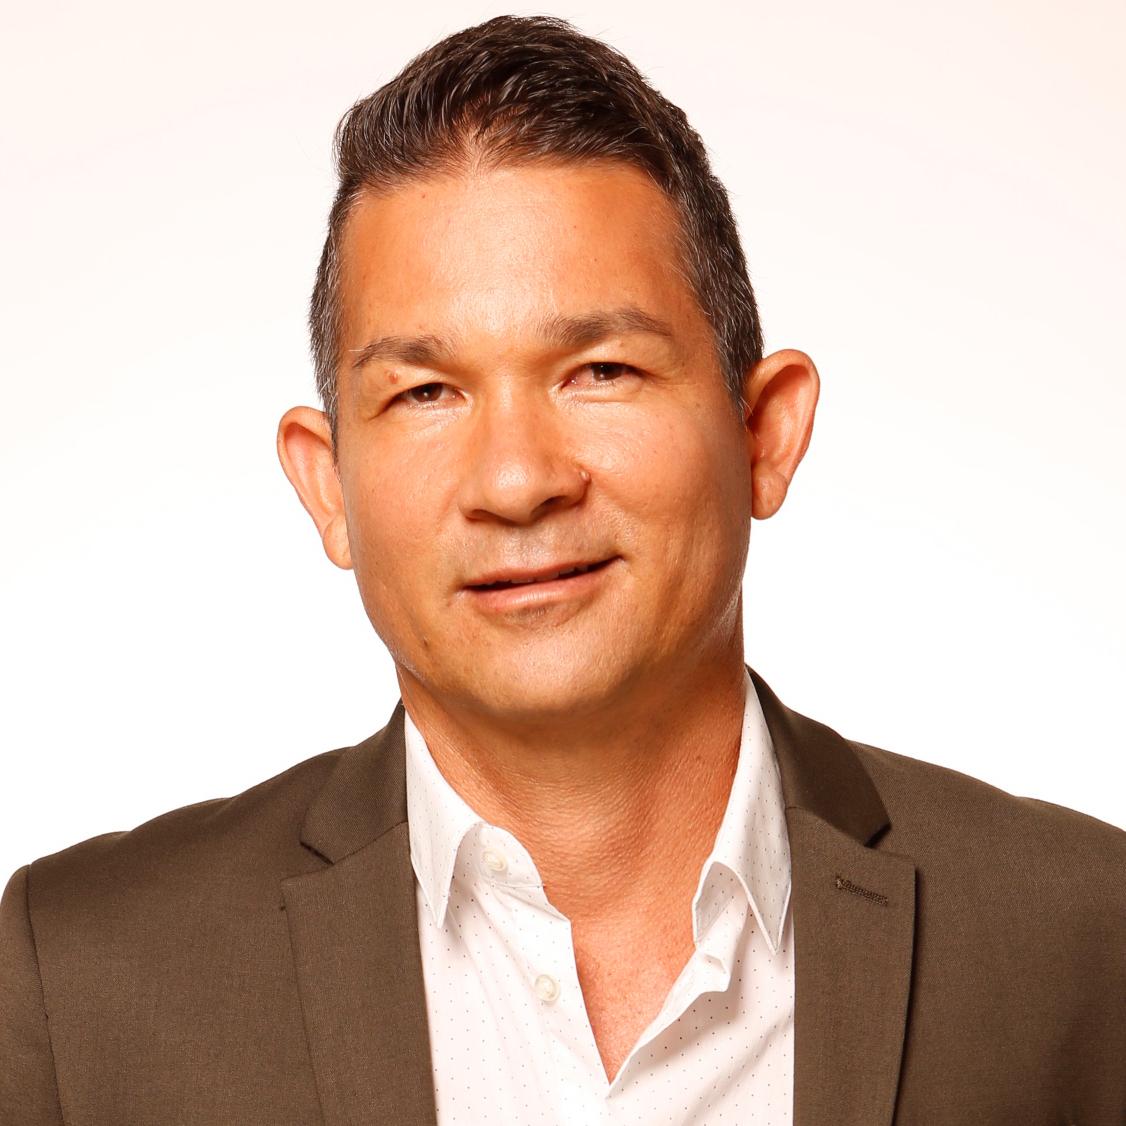 Sean Yano